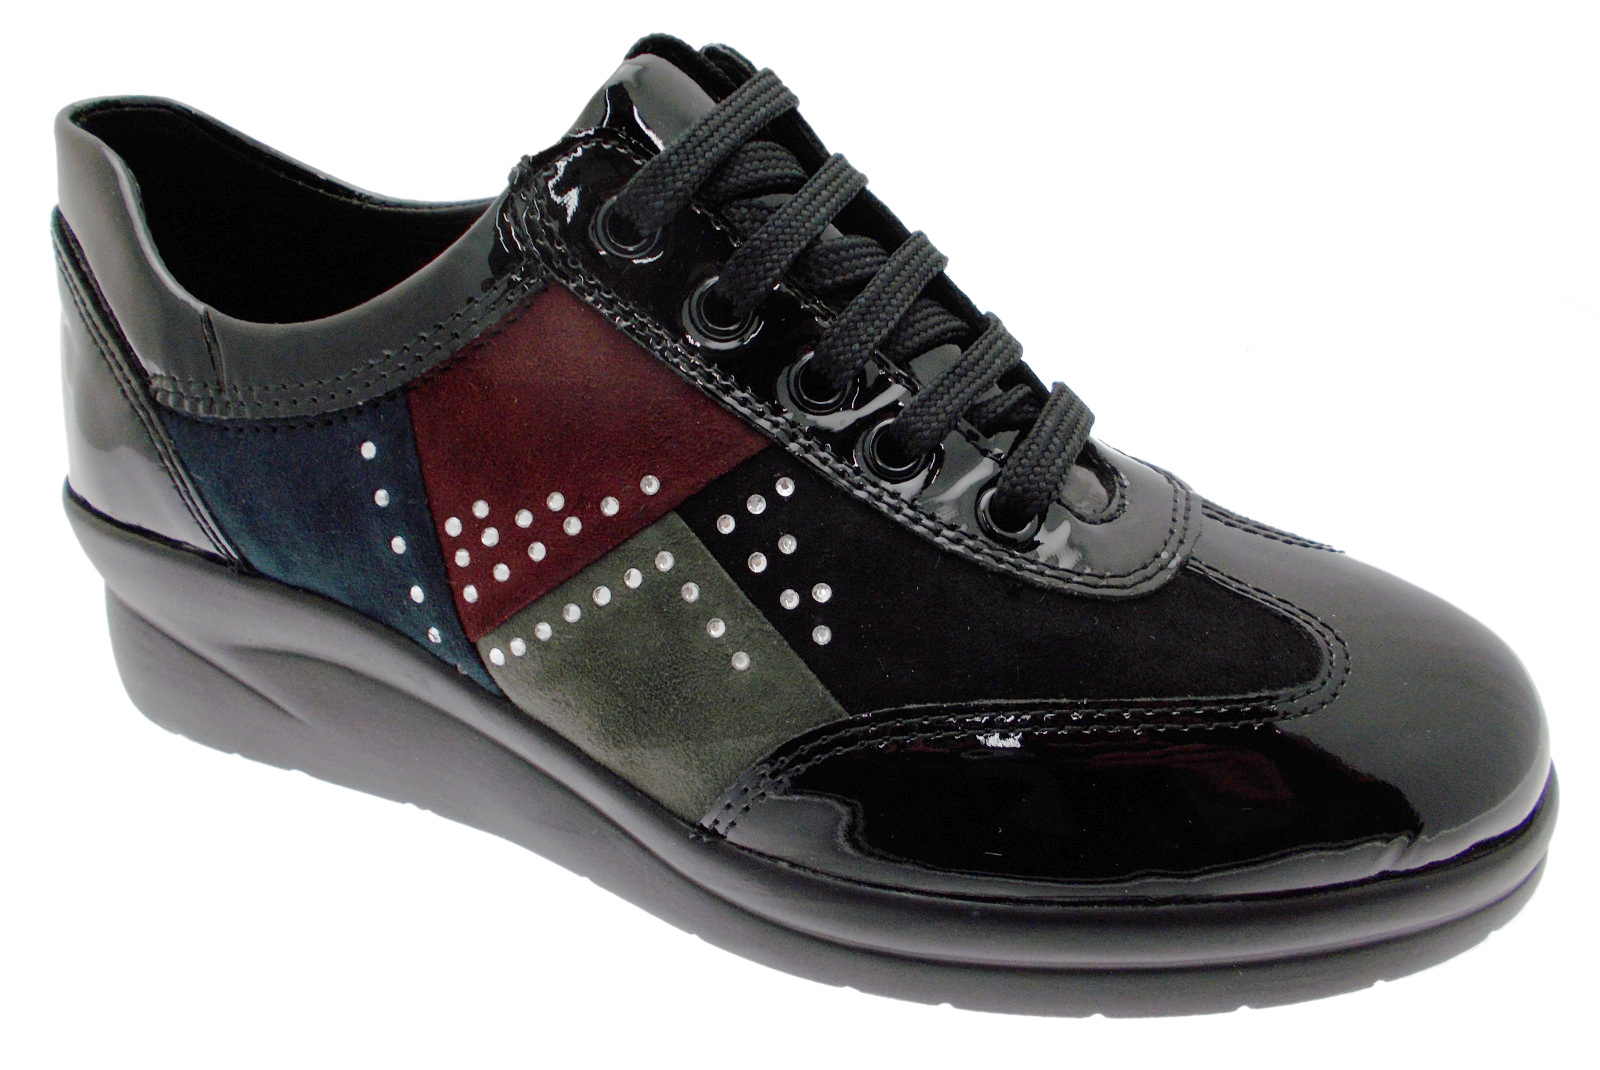 75491 sneaker allacciata nera multicolor plantare Riposella